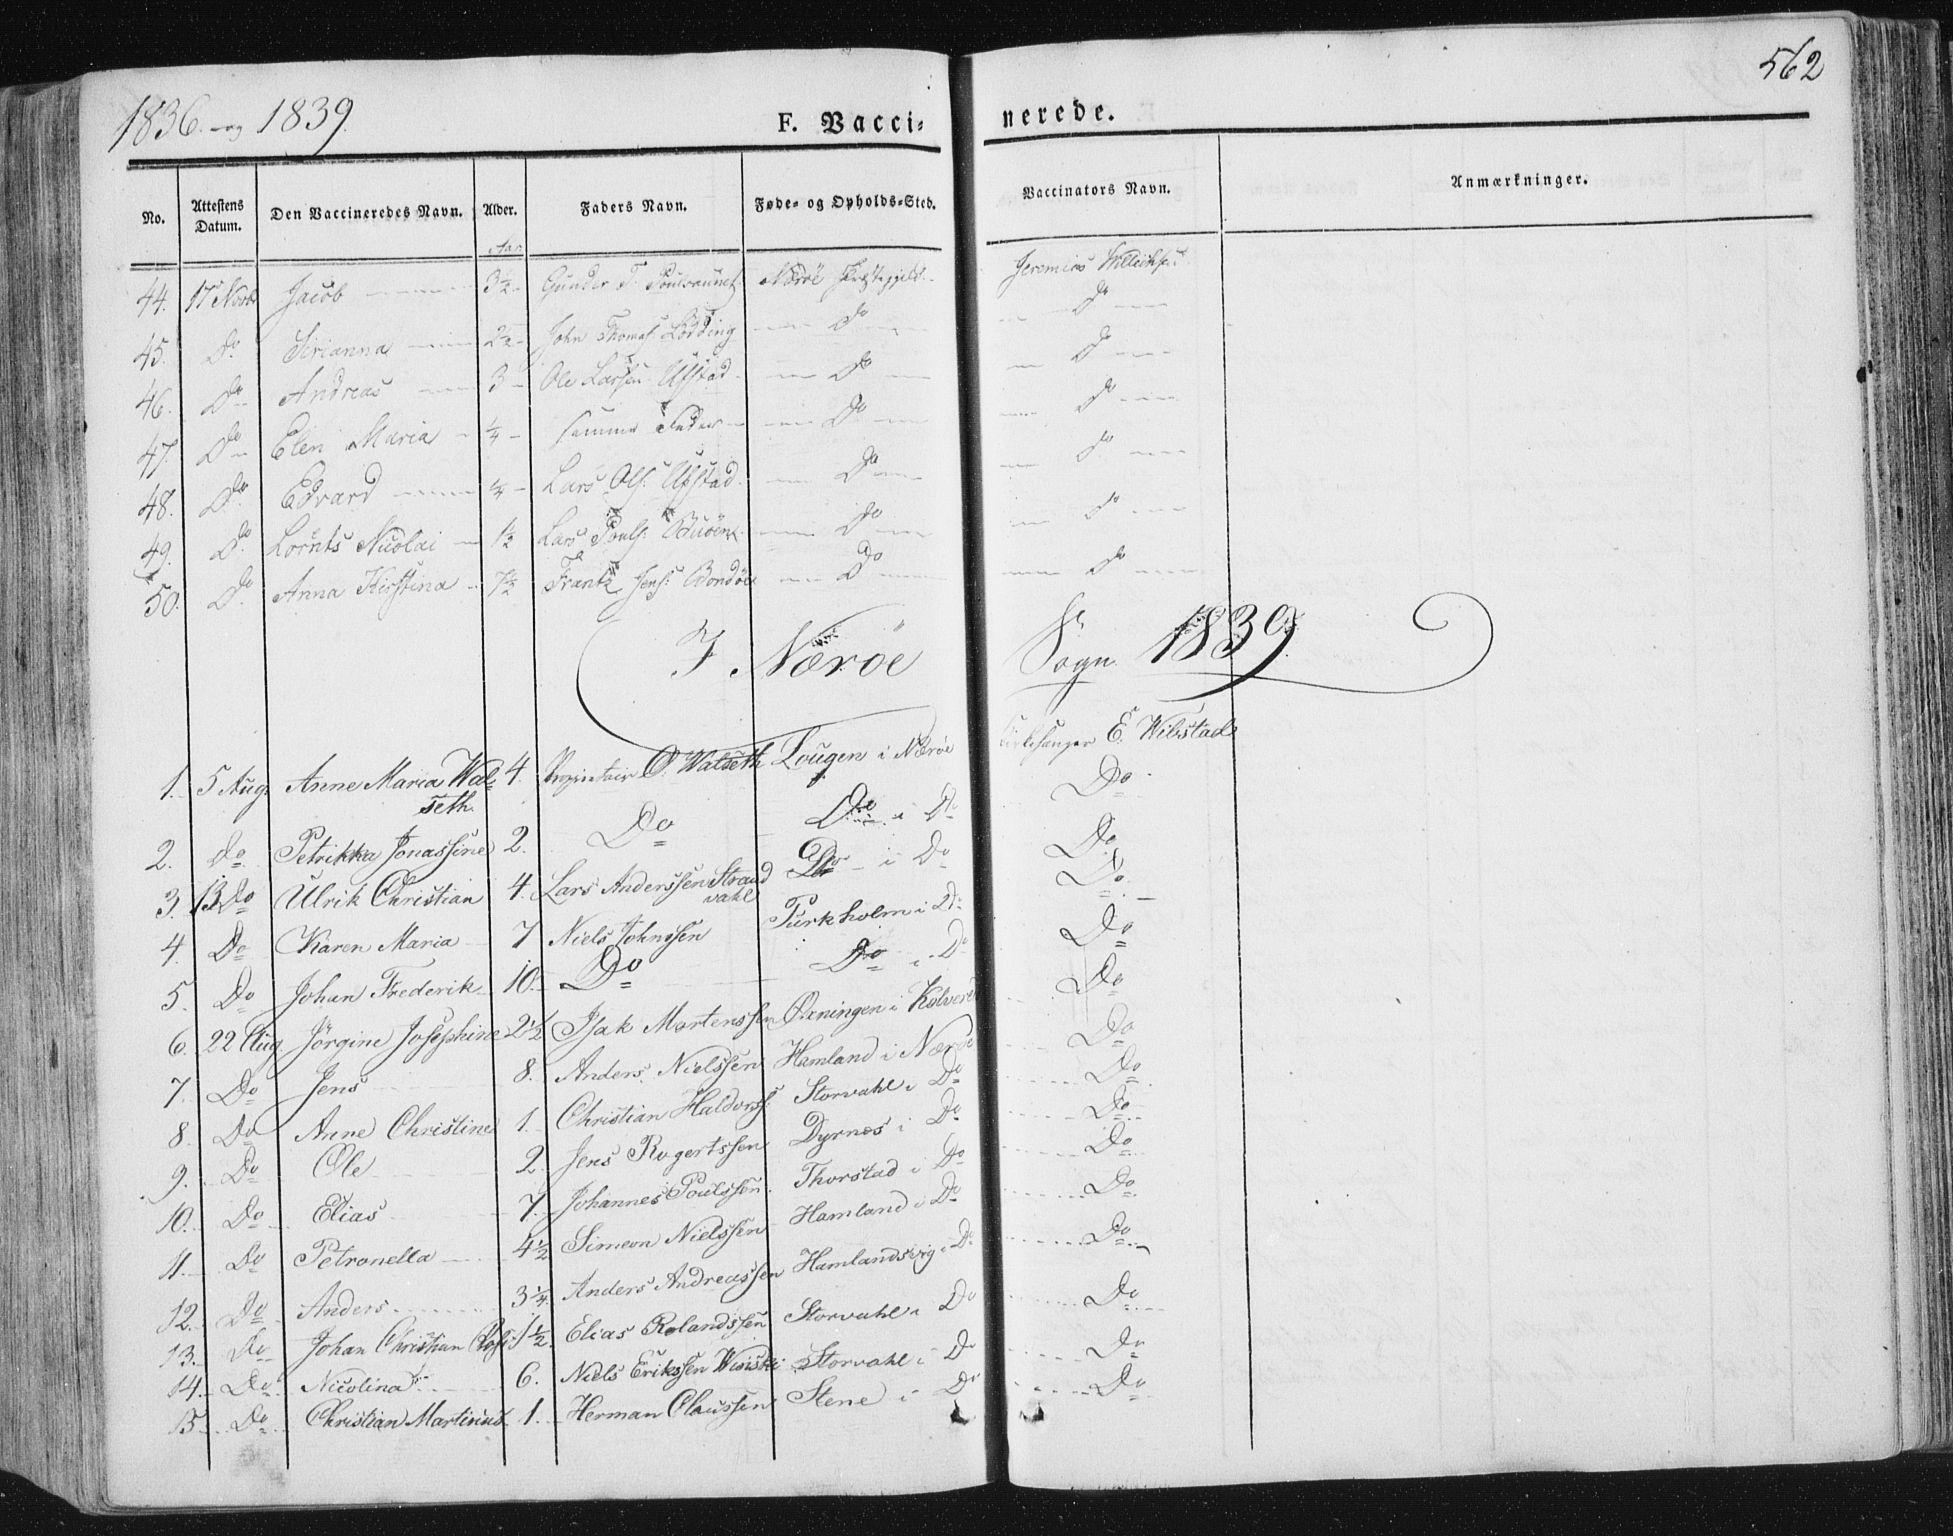 SAT, Ministerialprotokoller, klokkerbøker og fødselsregistre - Nord-Trøndelag, 784/L0669: Ministerialbok nr. 784A04, 1829-1859, s. 562